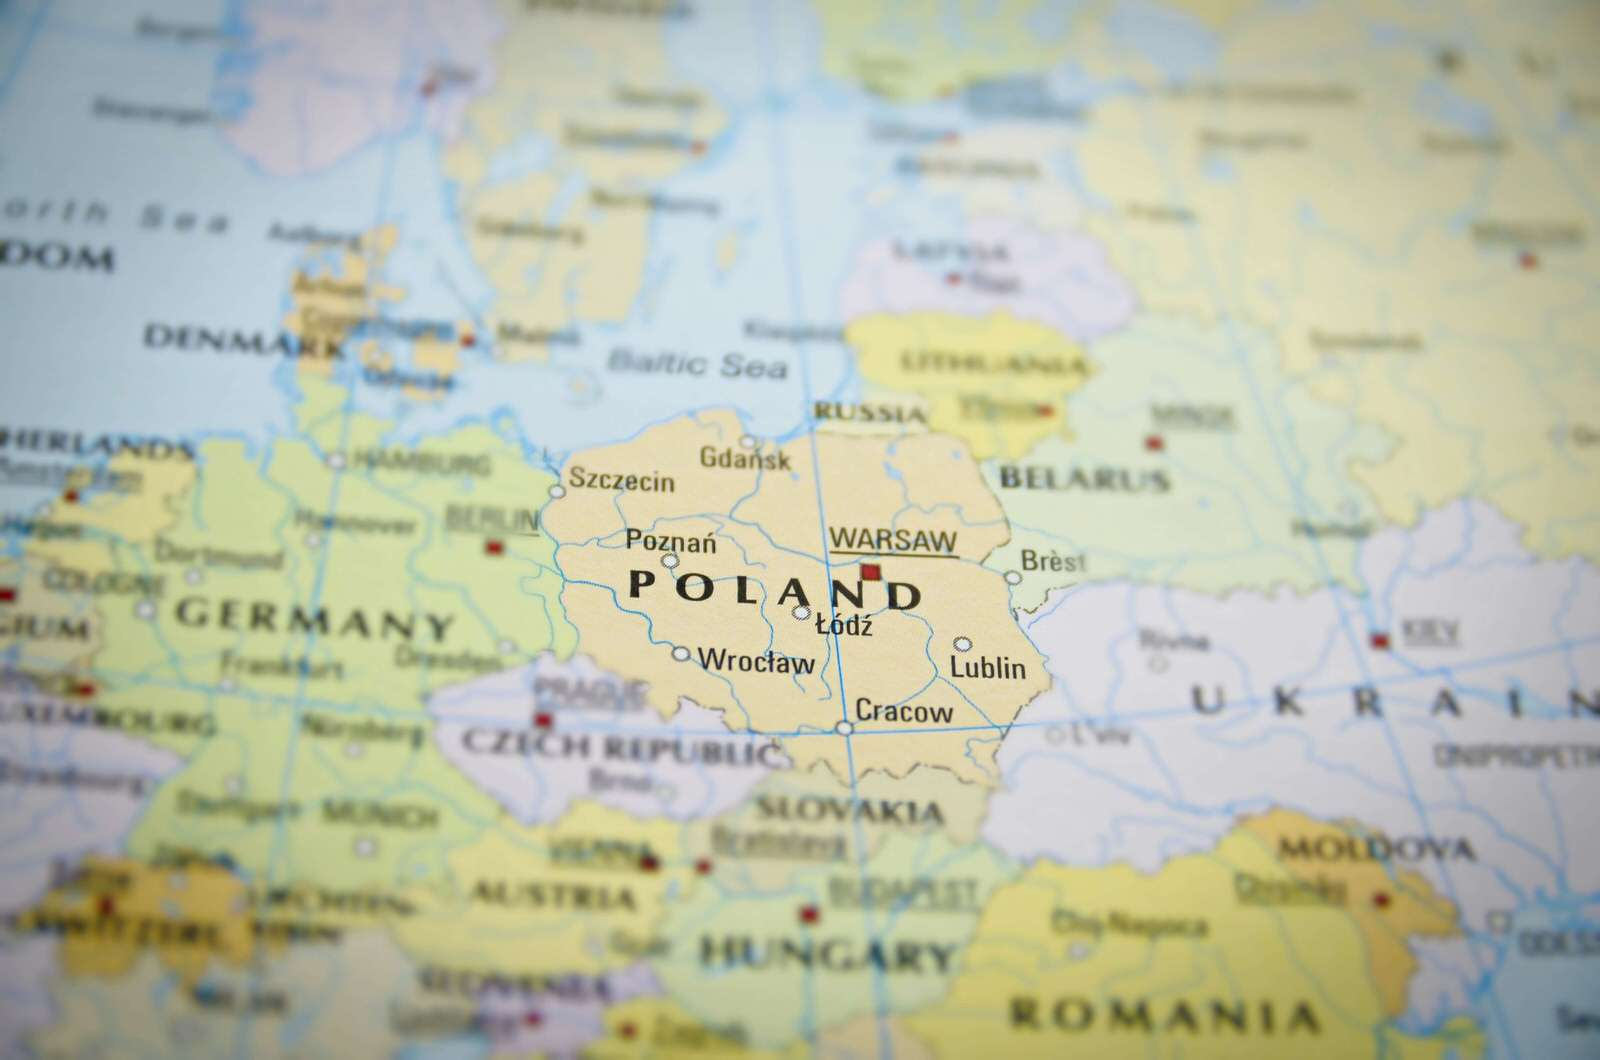 В Україні розпочато прийом документів та даних на біометричні паспорти - UniverPL